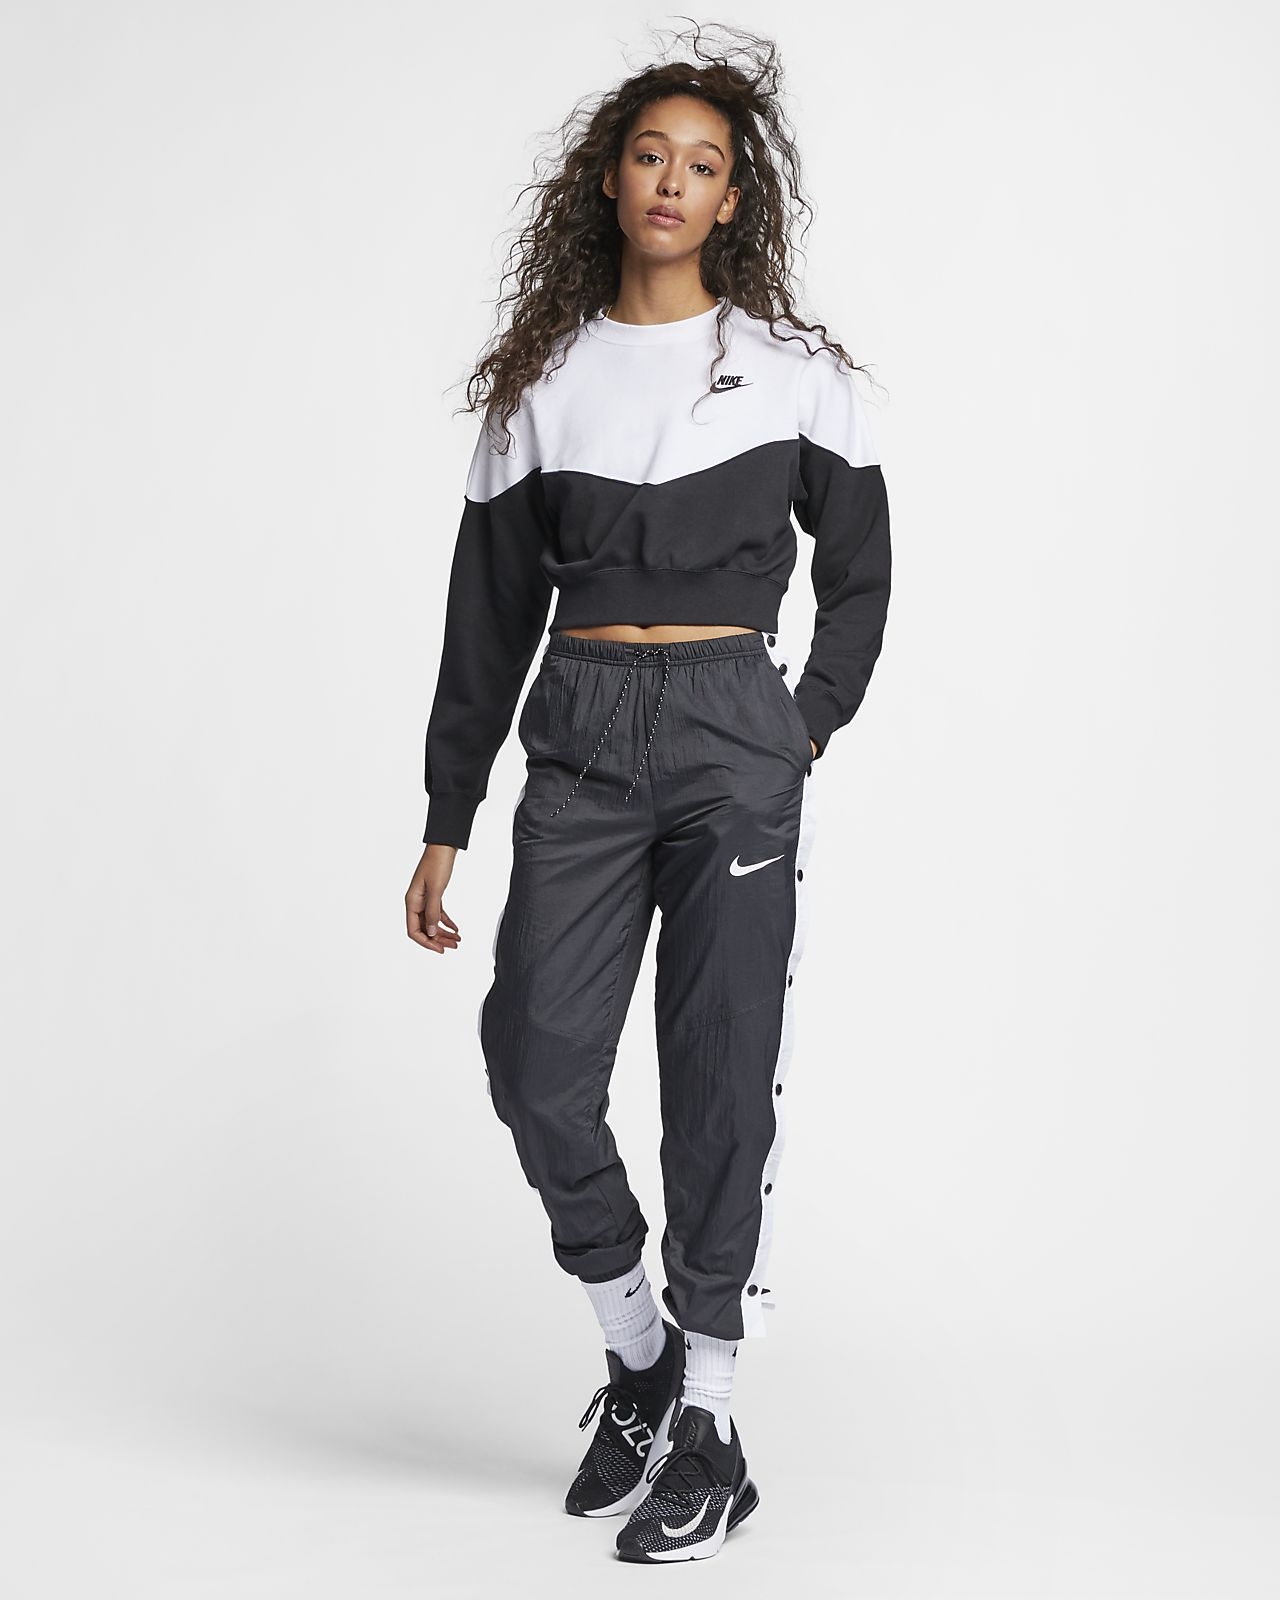 fdf609f8 Nike Sportswear Heritage Women's Fleece Crew. Nike.com DK